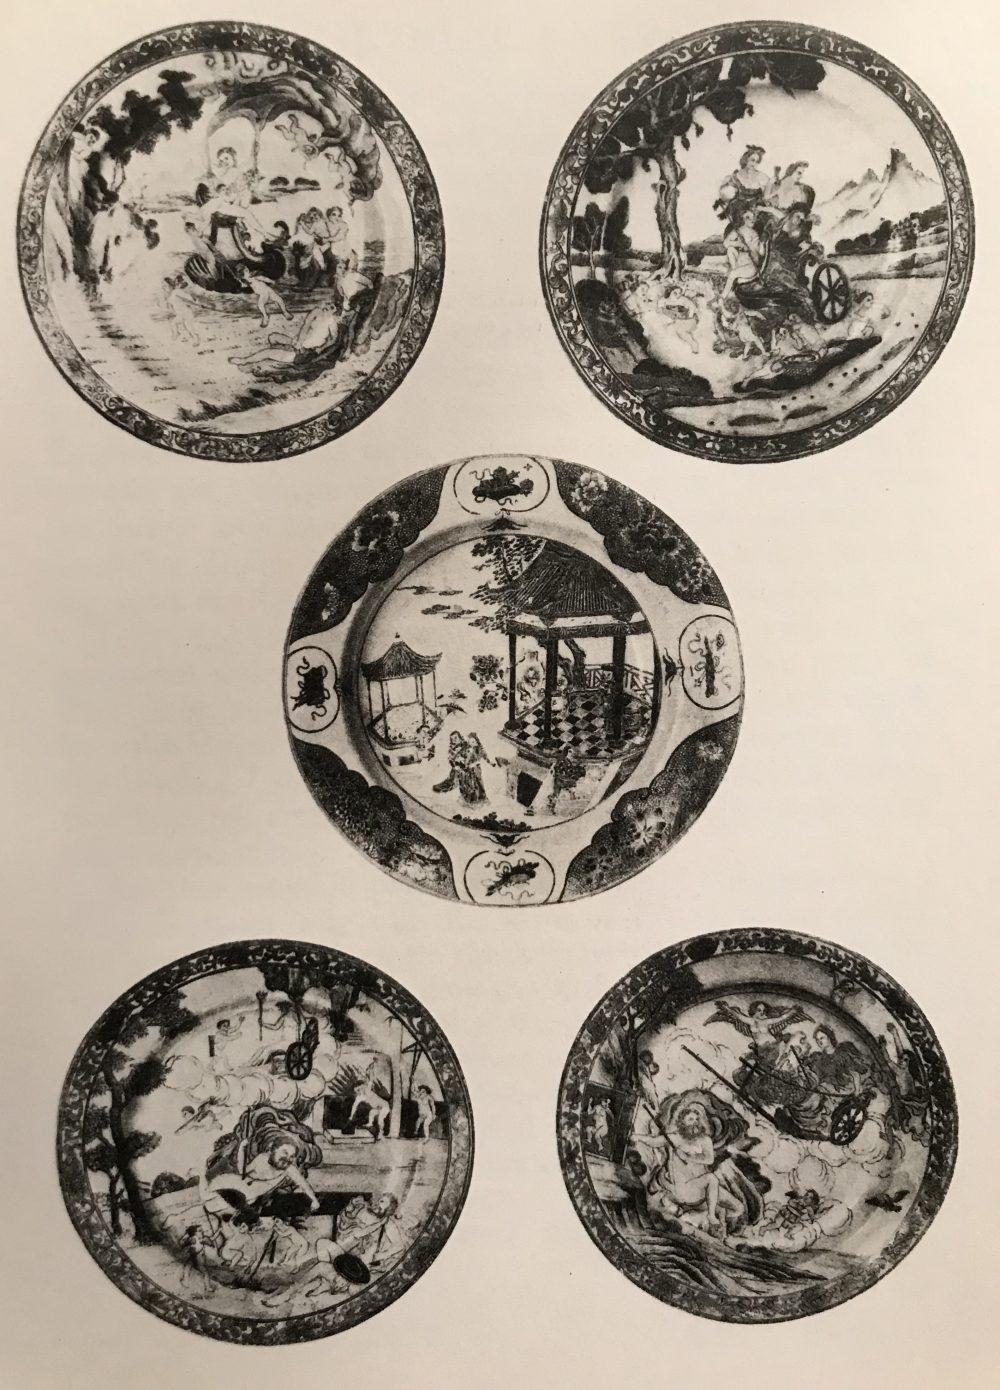 Porcelain Qianlong (1735-1795), circa 1742, China